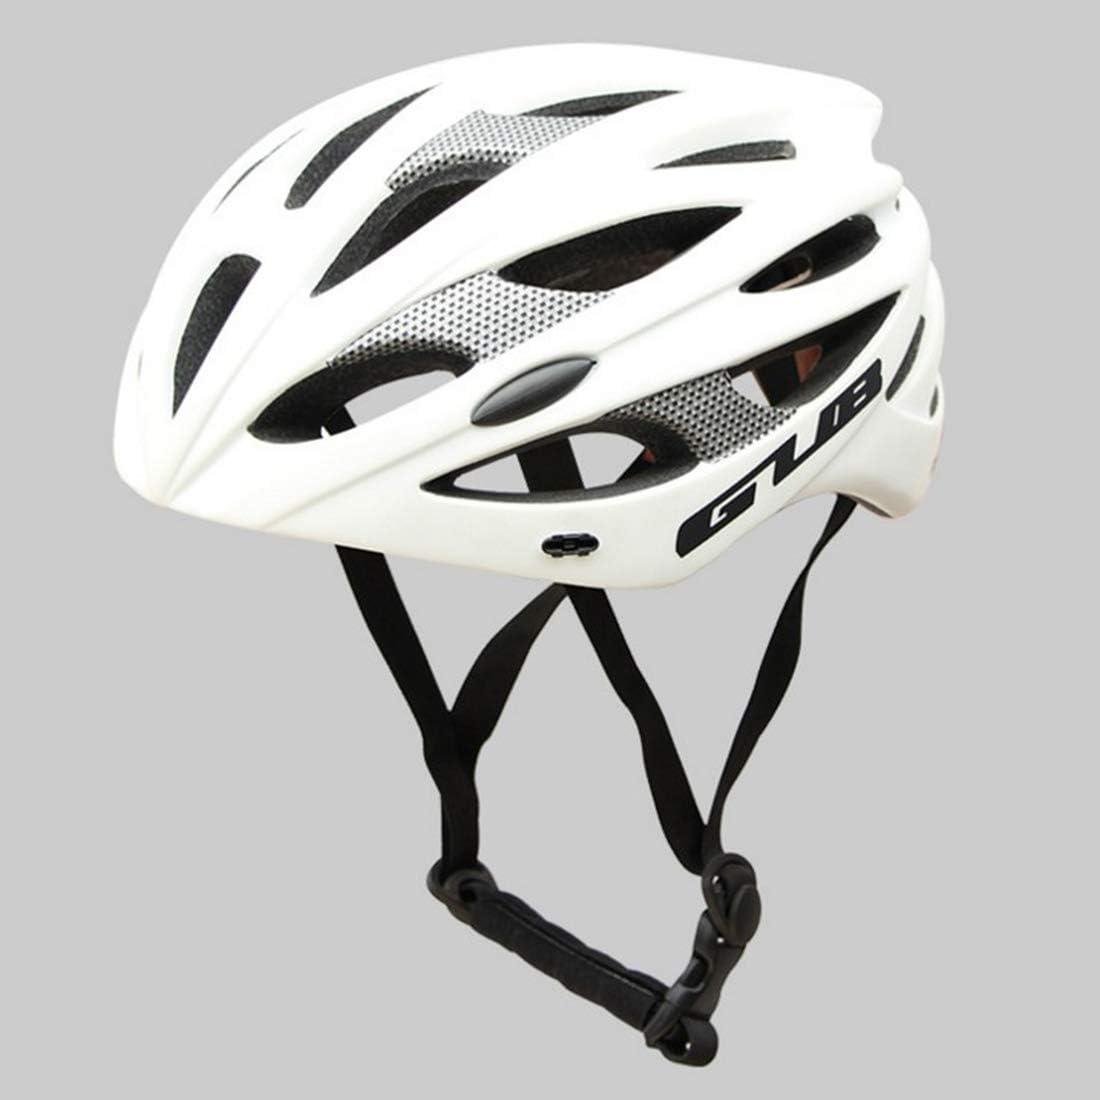 Makecny 自転車用ヘルメット、屋外用サイクリング愛好家に最適な自転車用安全ヘルメット。 (色 : ホワイト) ホワイト